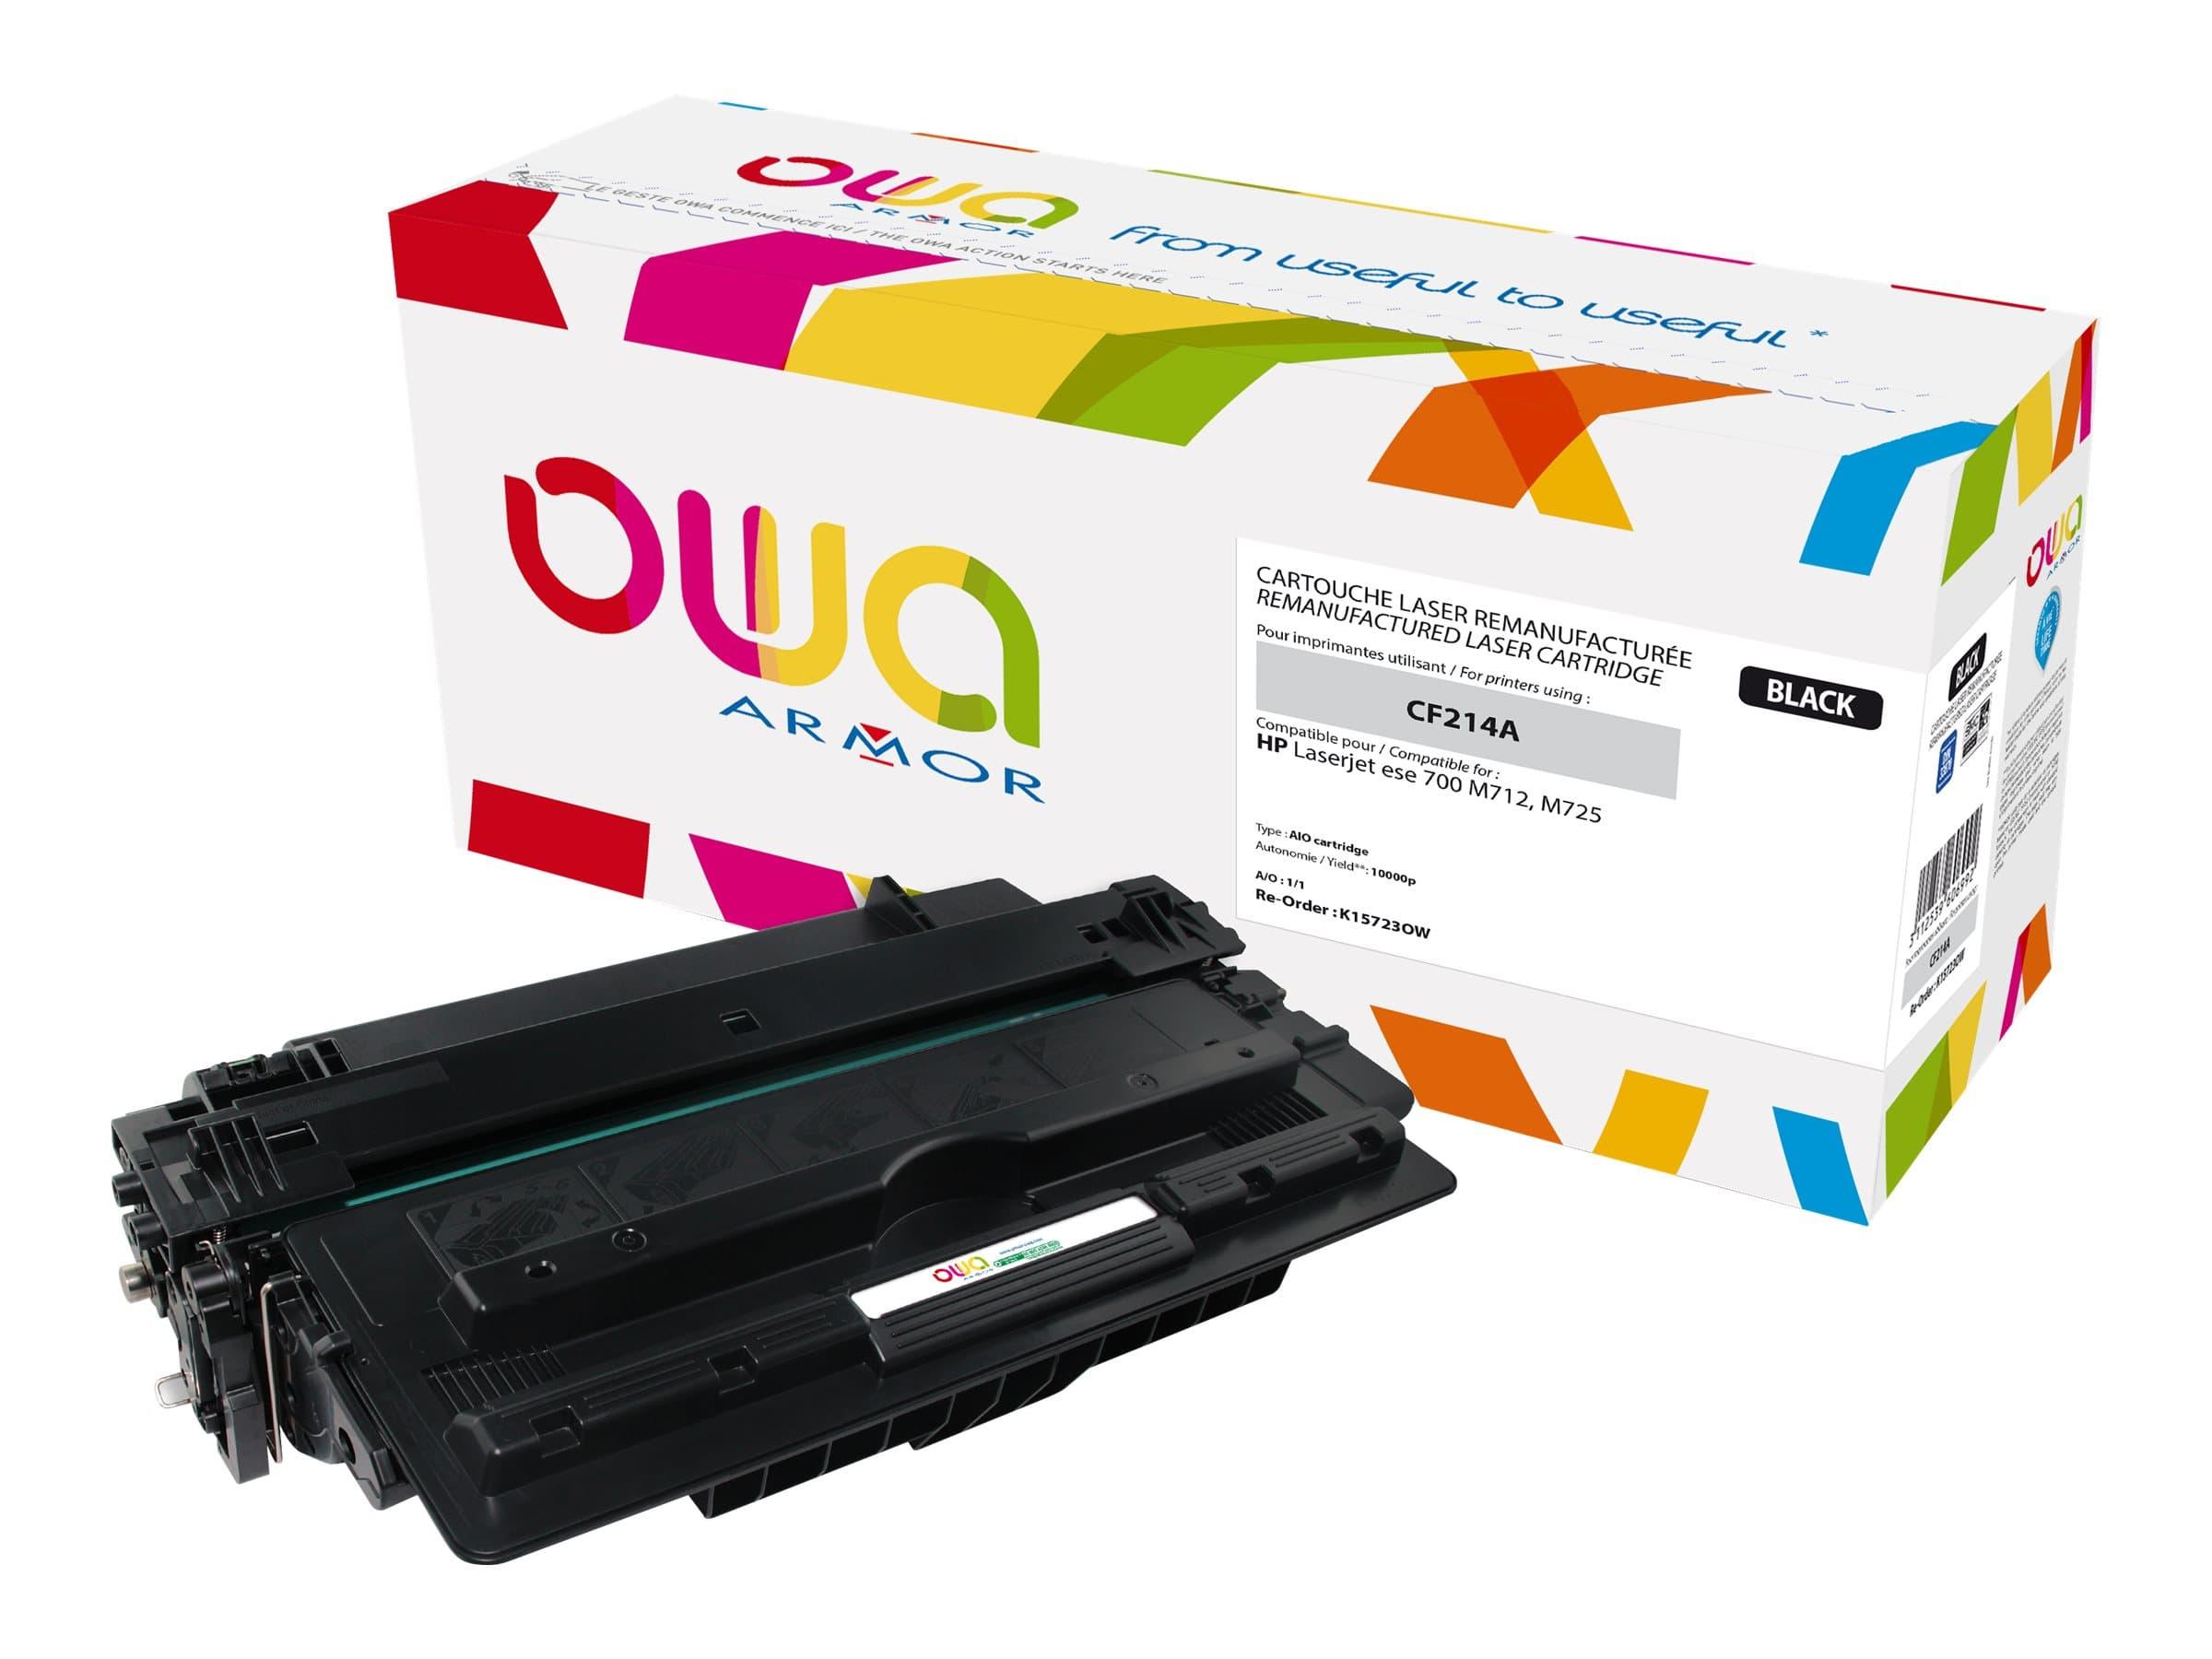 HP 14A - remanufacturé Owa K15723OW - noir - cartouche laser